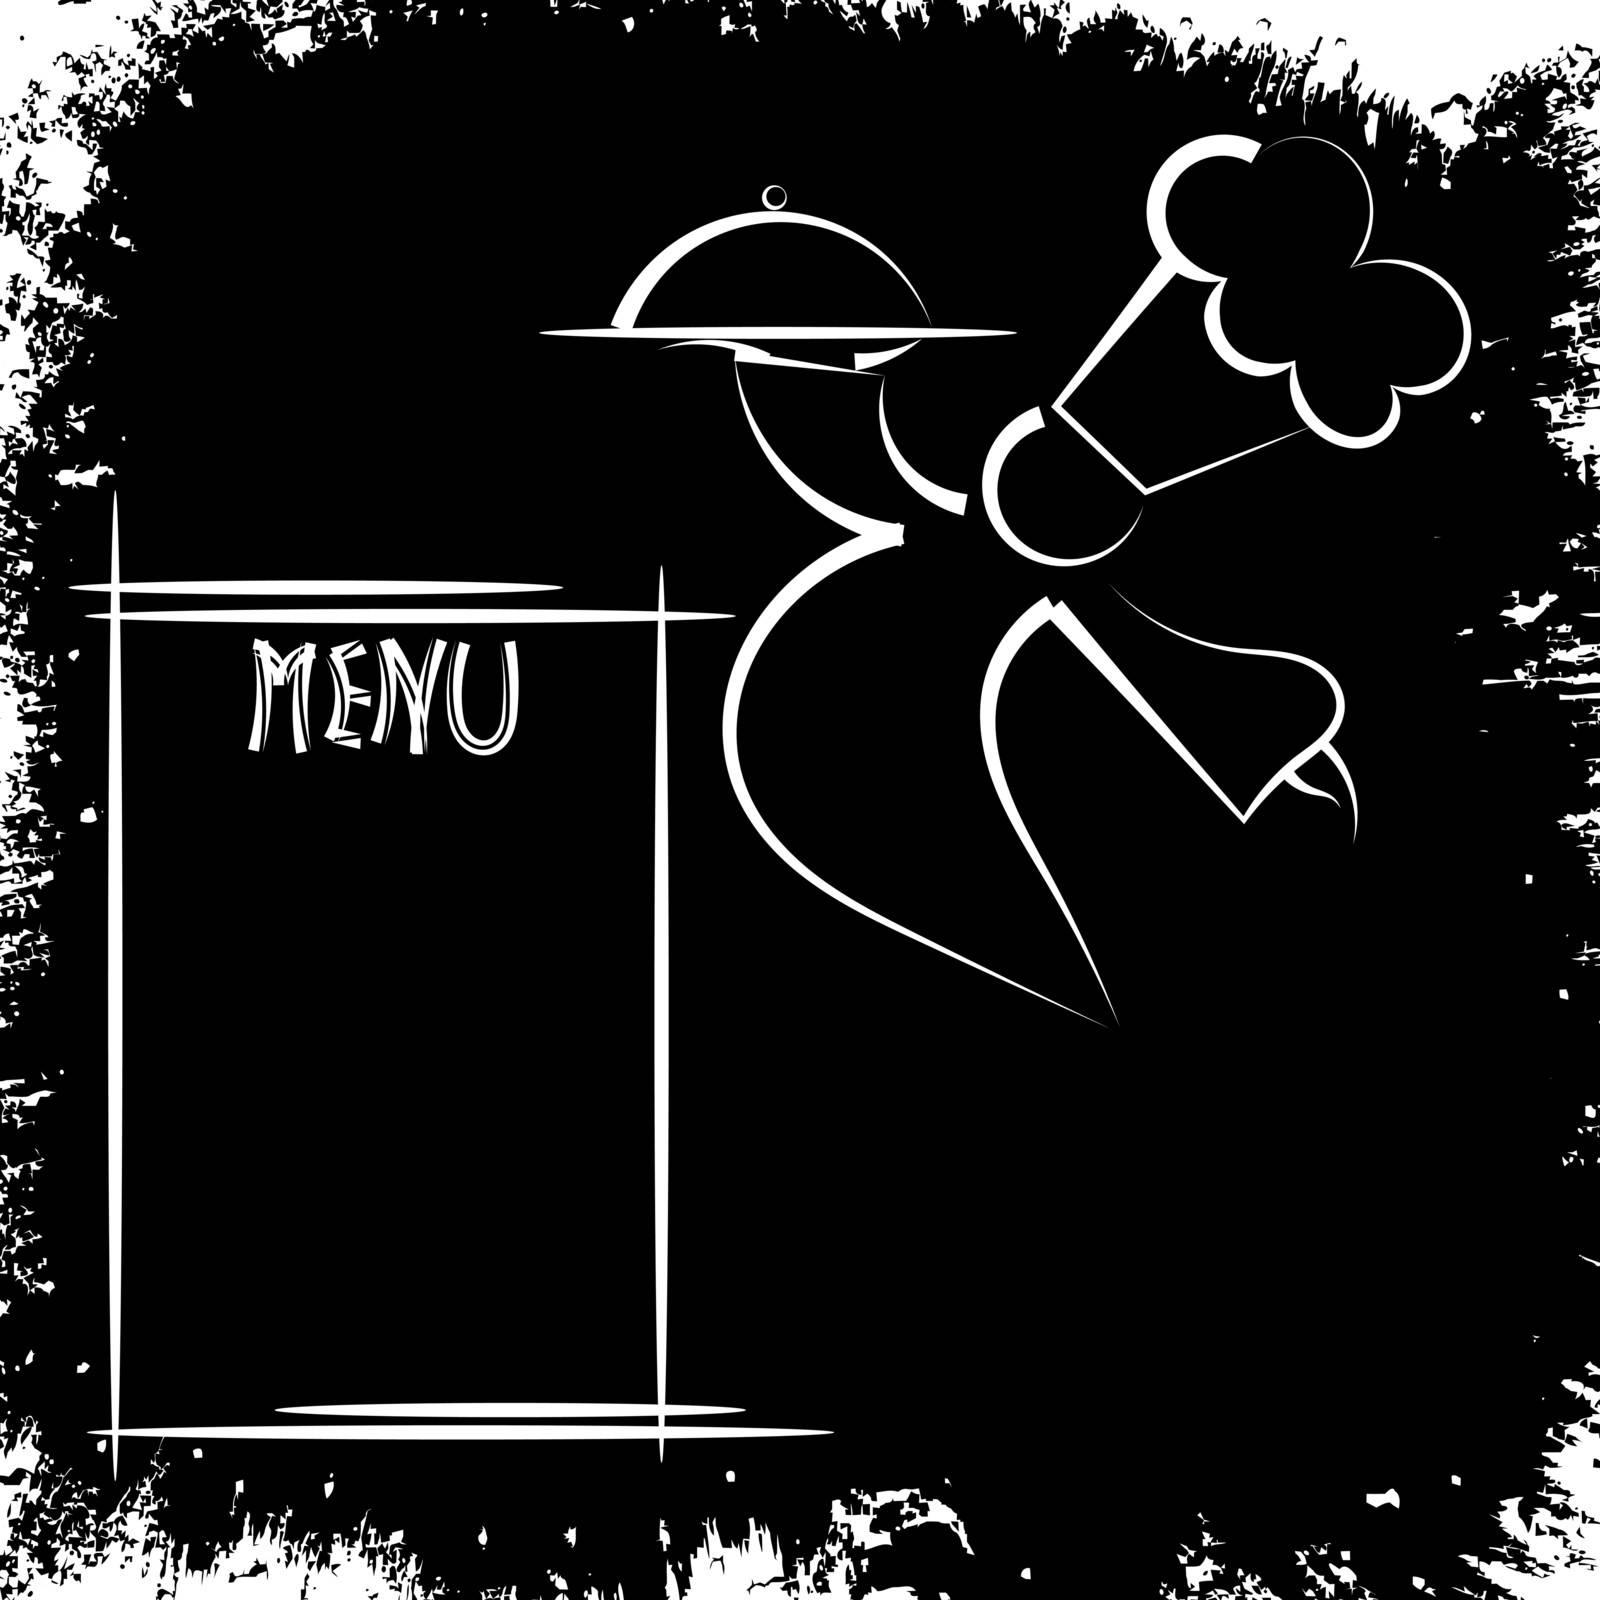 Vintage menu. eps10 by Larser